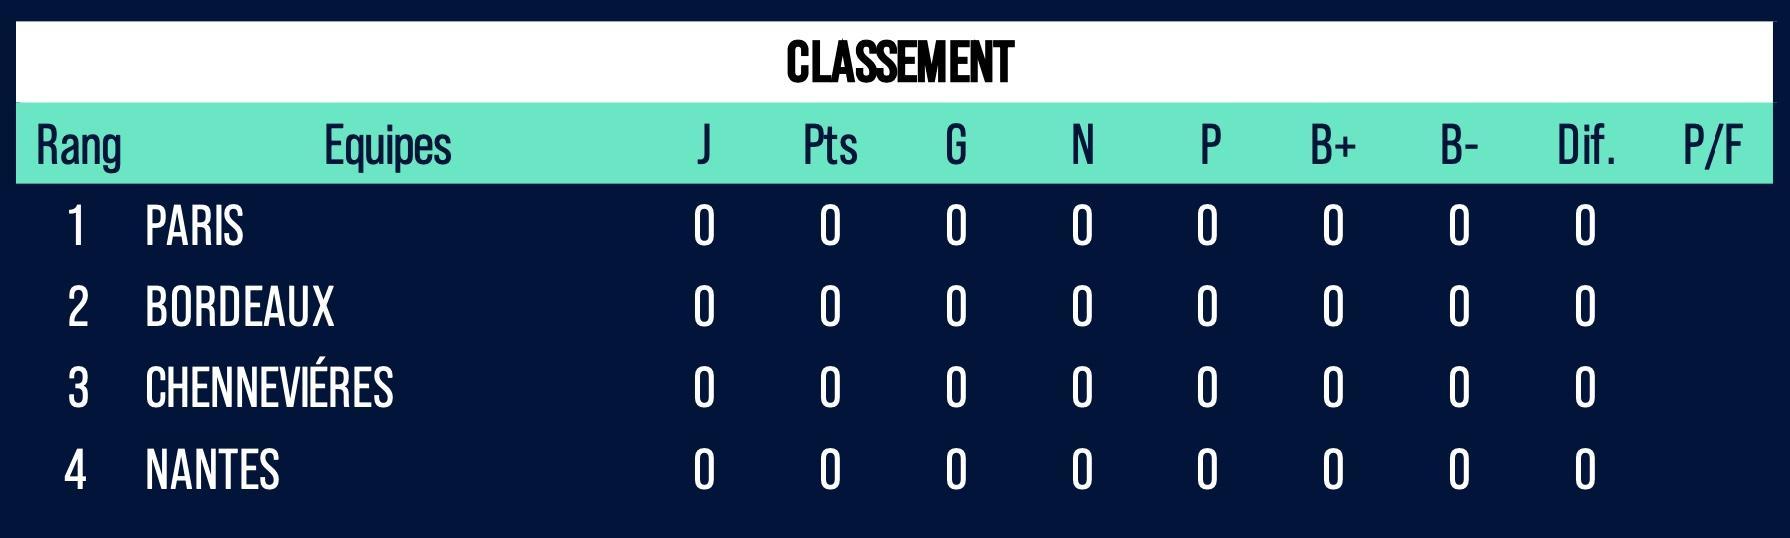 Class f11 zone a 2